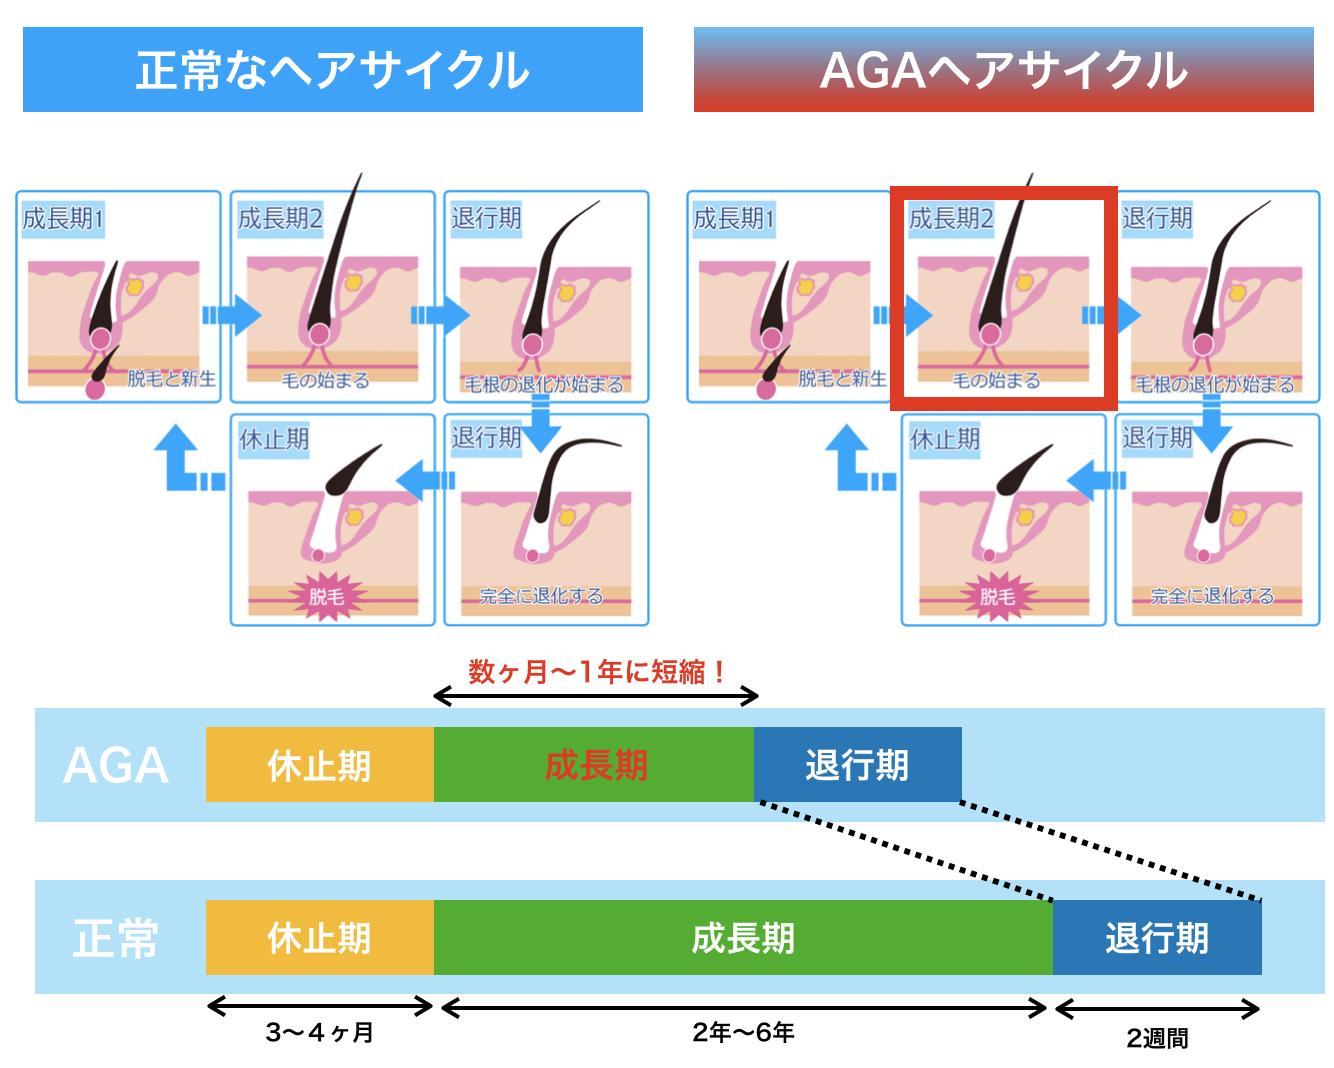 疑問1.AGAと、年齢的な薄毛は何が違うのか?